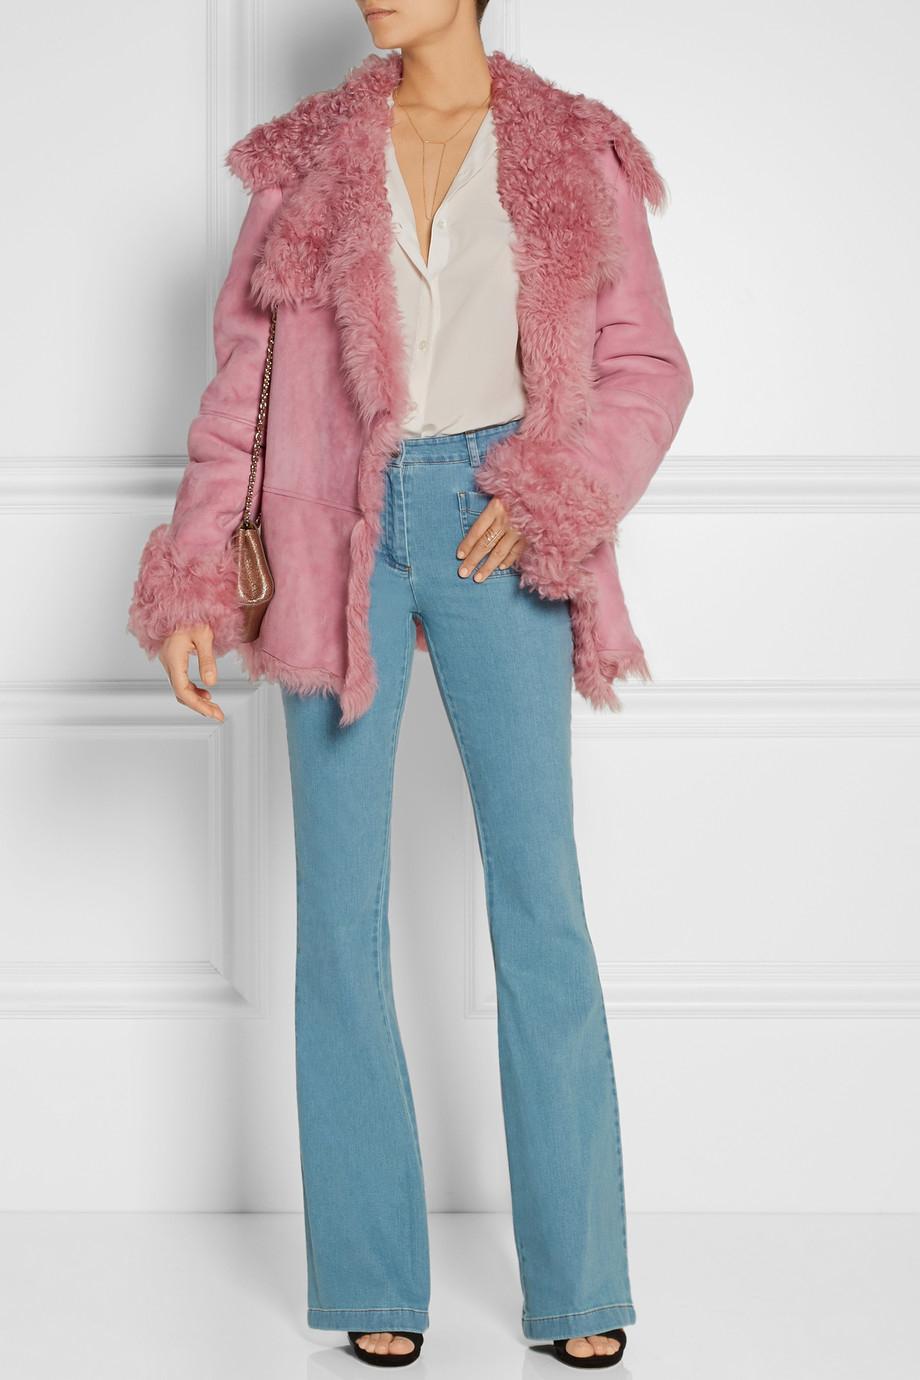 Michael kors Shearling Coat in Pink | Lyst